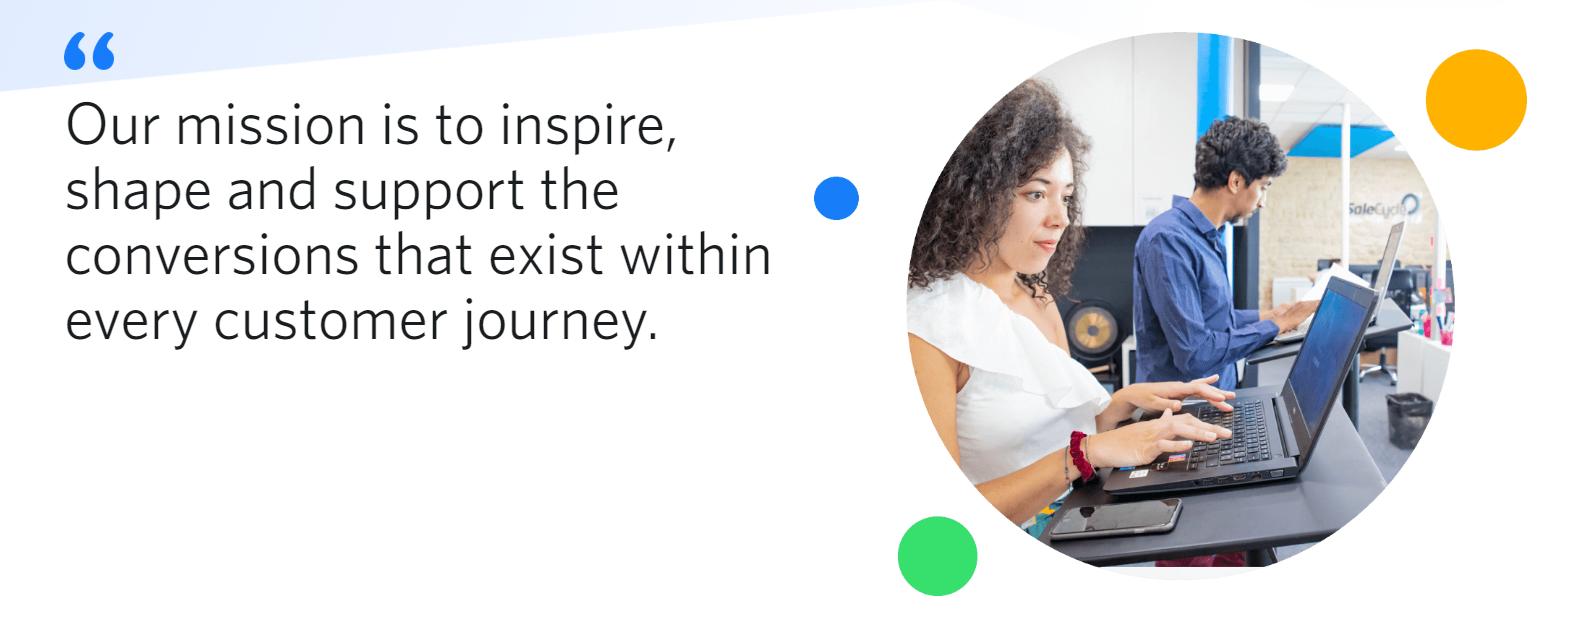 SalesCycle website screenshot quote